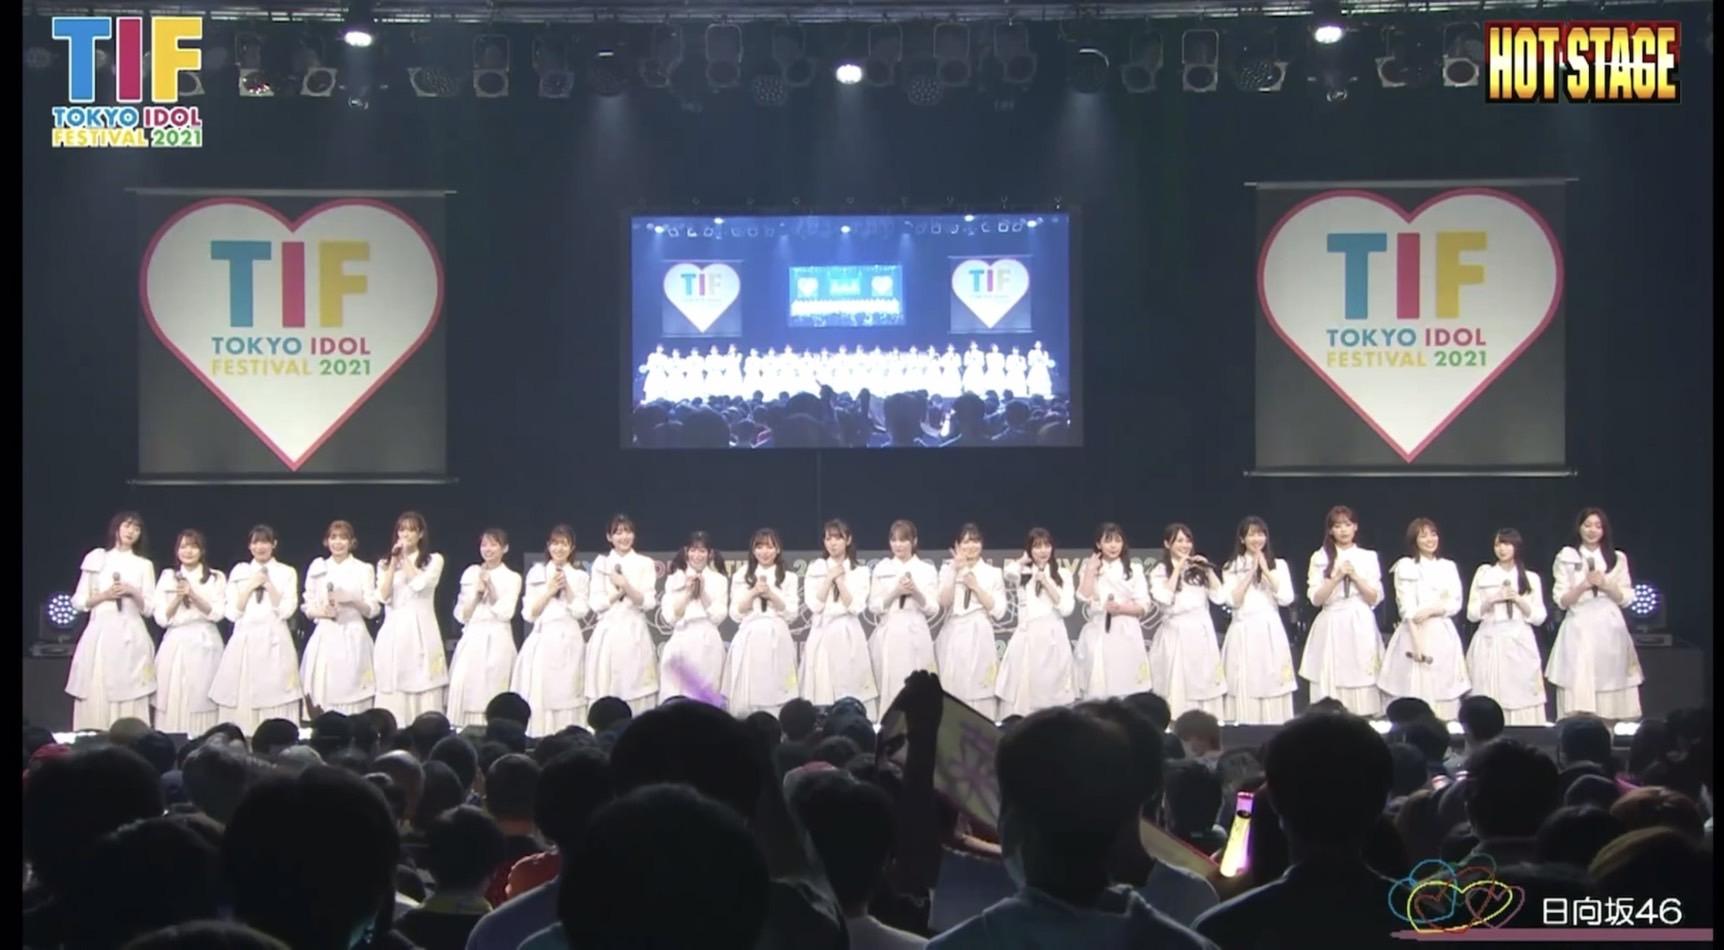 日向坂46 TOKYO IDOL FESTIVAL 2021